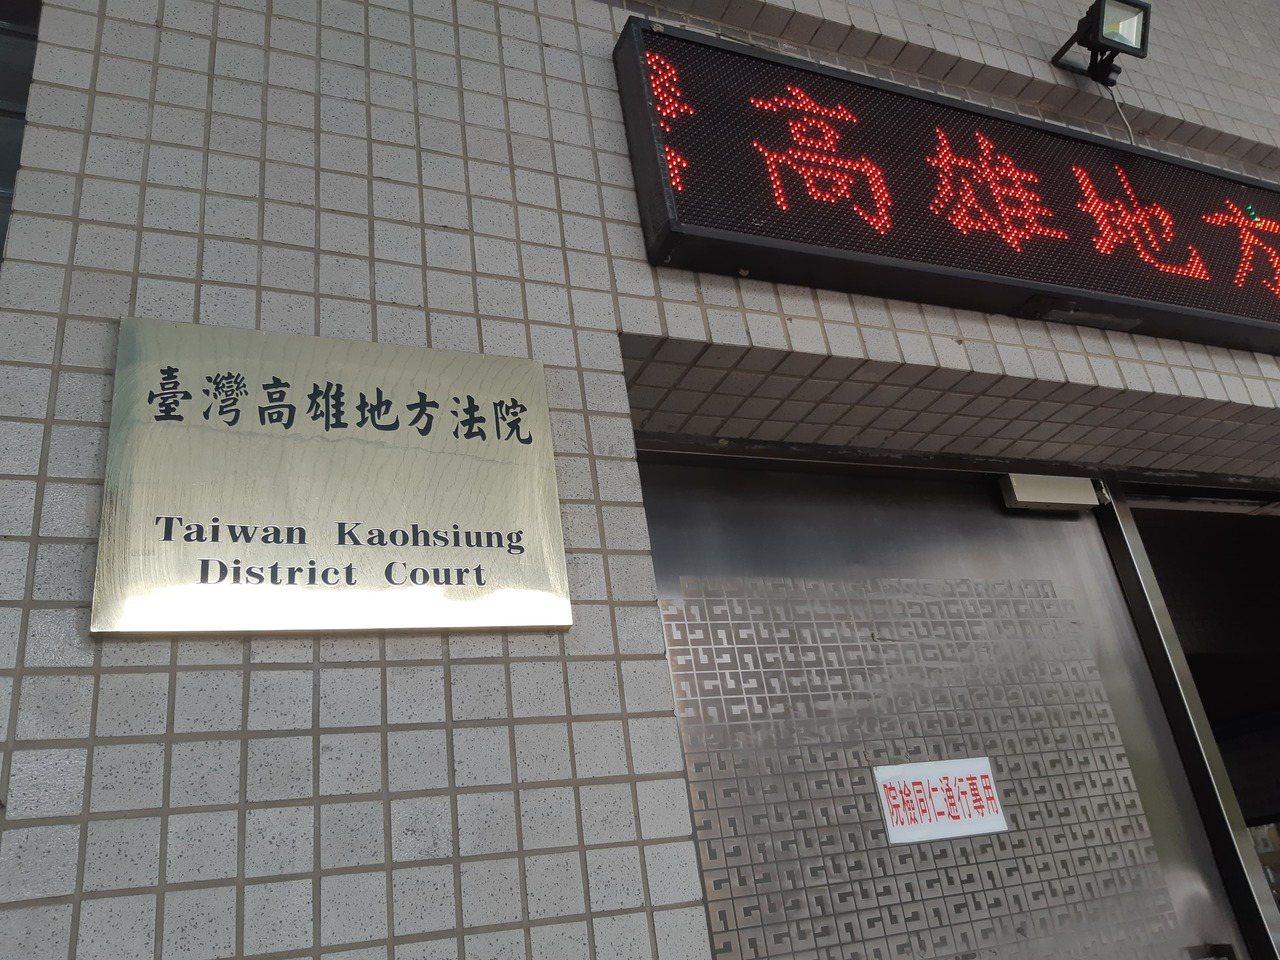 時任高雄市議員的陳粹鑾涉嫌不實報支2萬7020元、2萬5500元遭起訴,高雄地方...